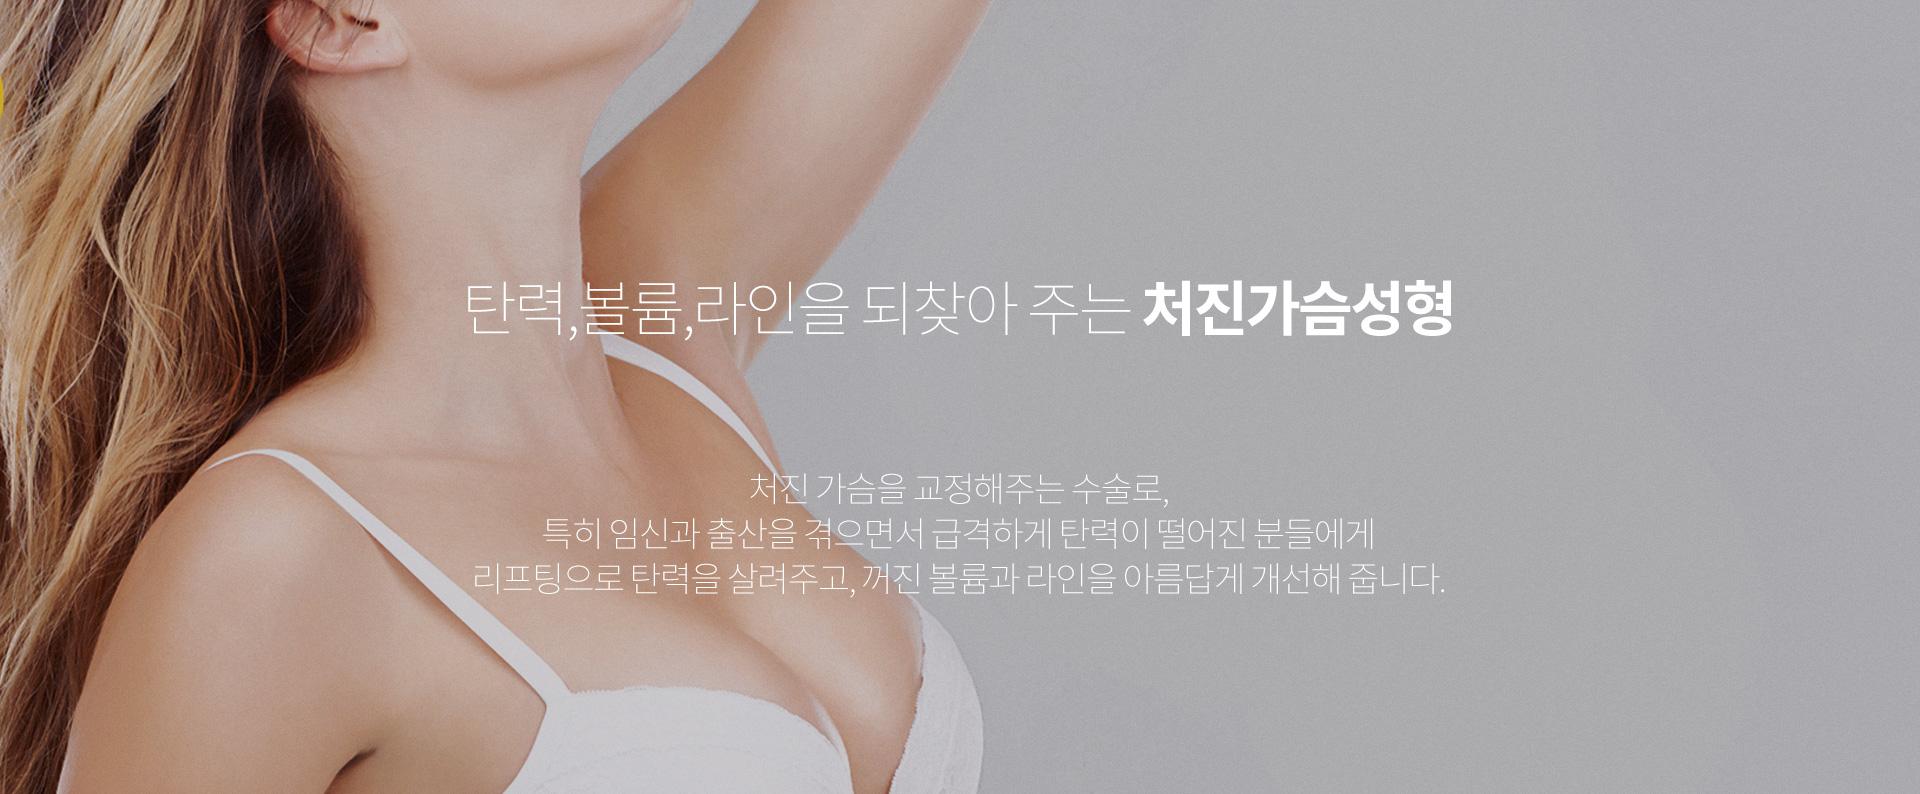 처진가슴 01